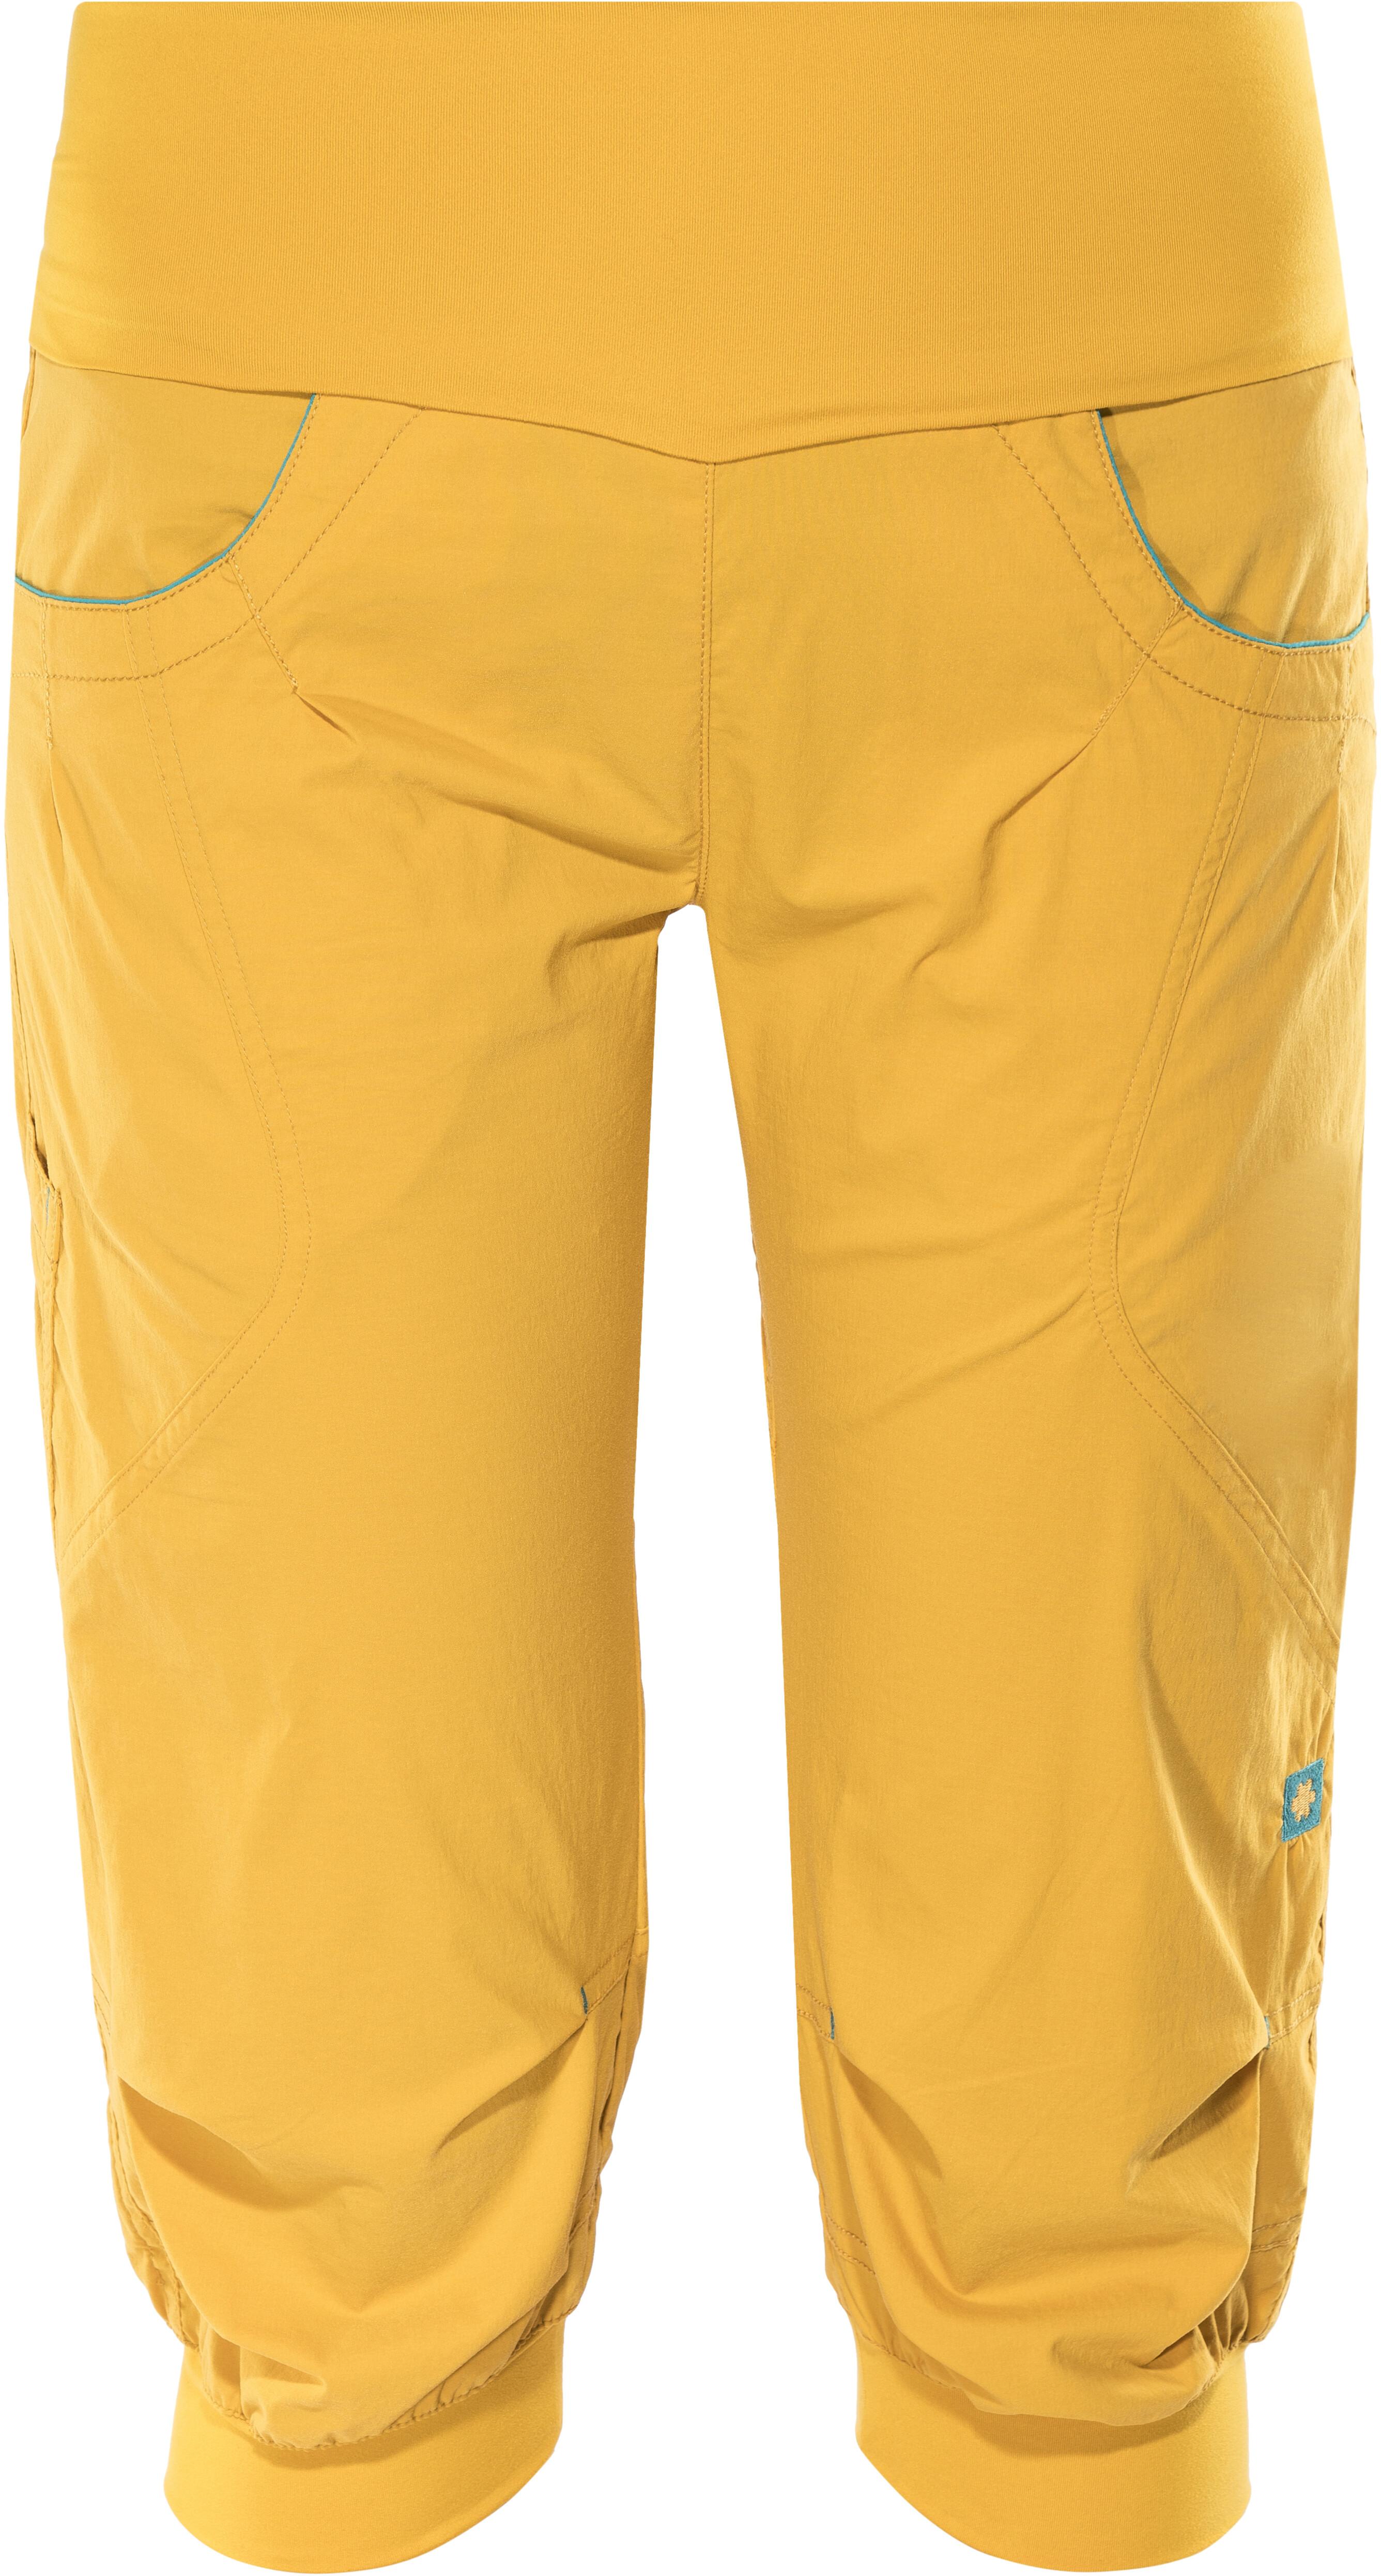 Ocun Noya - Pantalones cortos Mujer - amarillo  1ec074c45ae9